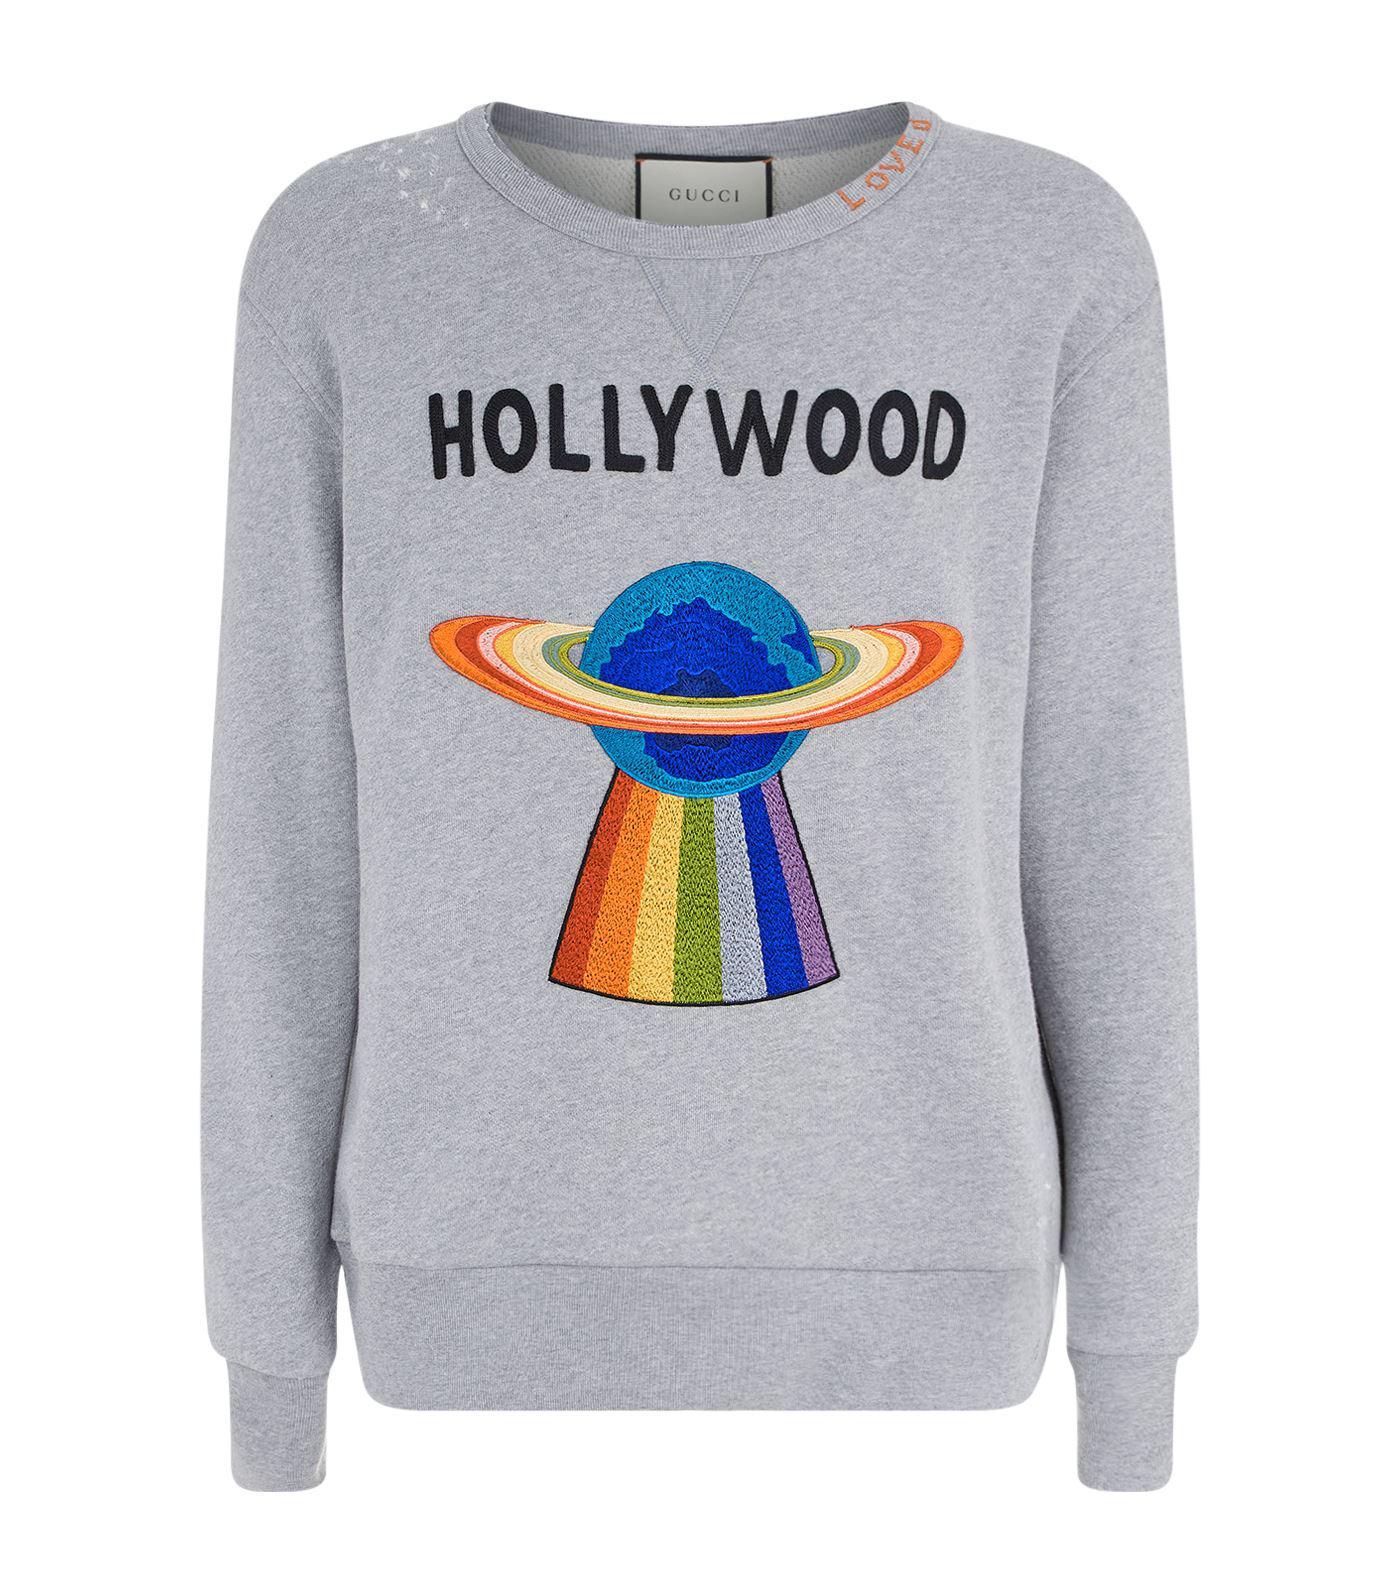 0f444f7a Gucci Hollywood Ufo Motif Sweatshirt in Gray for Men - Lyst